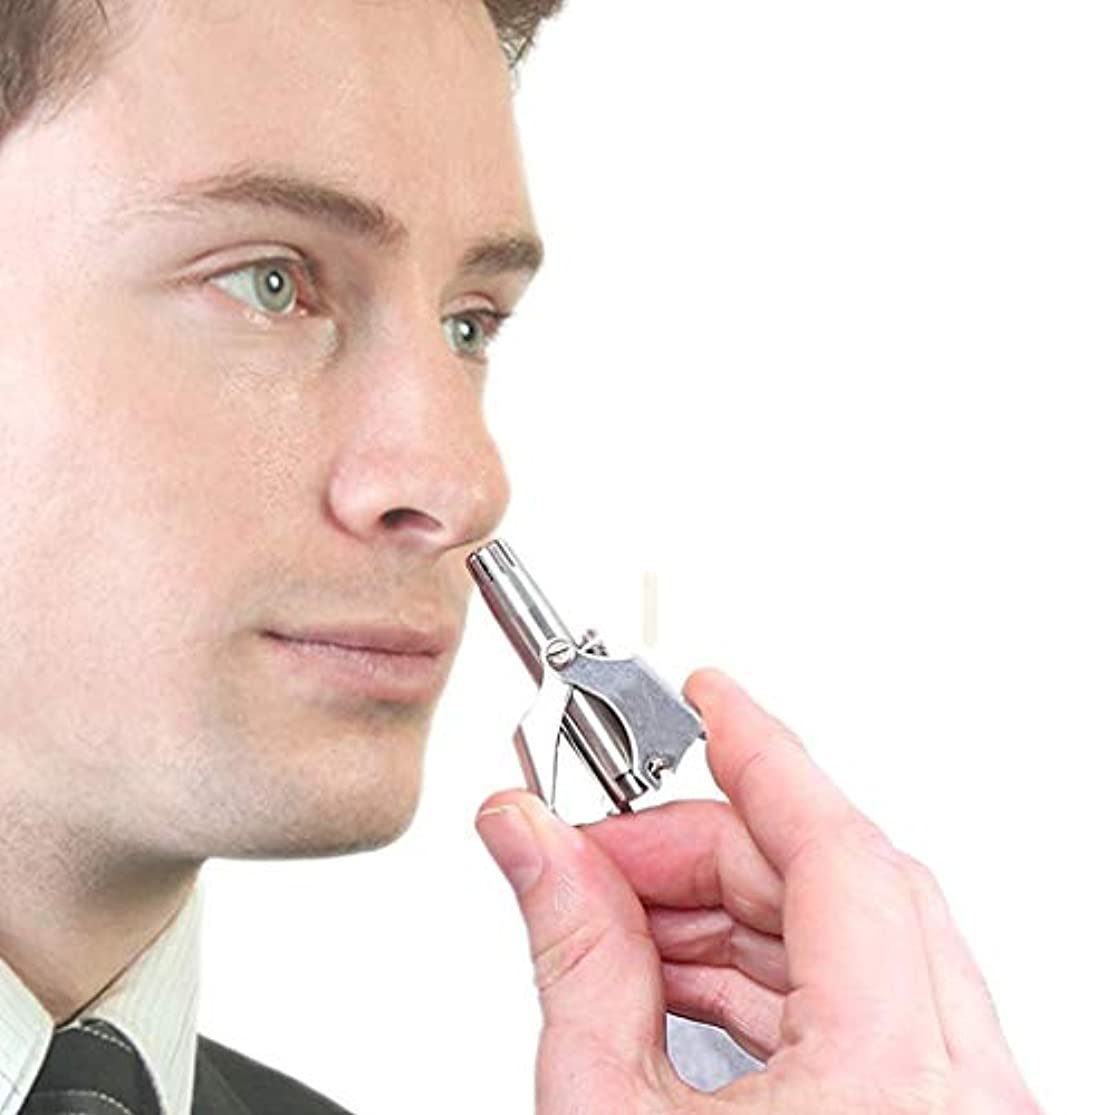 ショップ登録エンゲージメント男性&女性のためのポータブルマニュアル鼻&耳毛トリマー、パーフェクトマニュアルステンレス鋼の鼻毛リムーバー、必要ないいえ電池、簡単な清掃